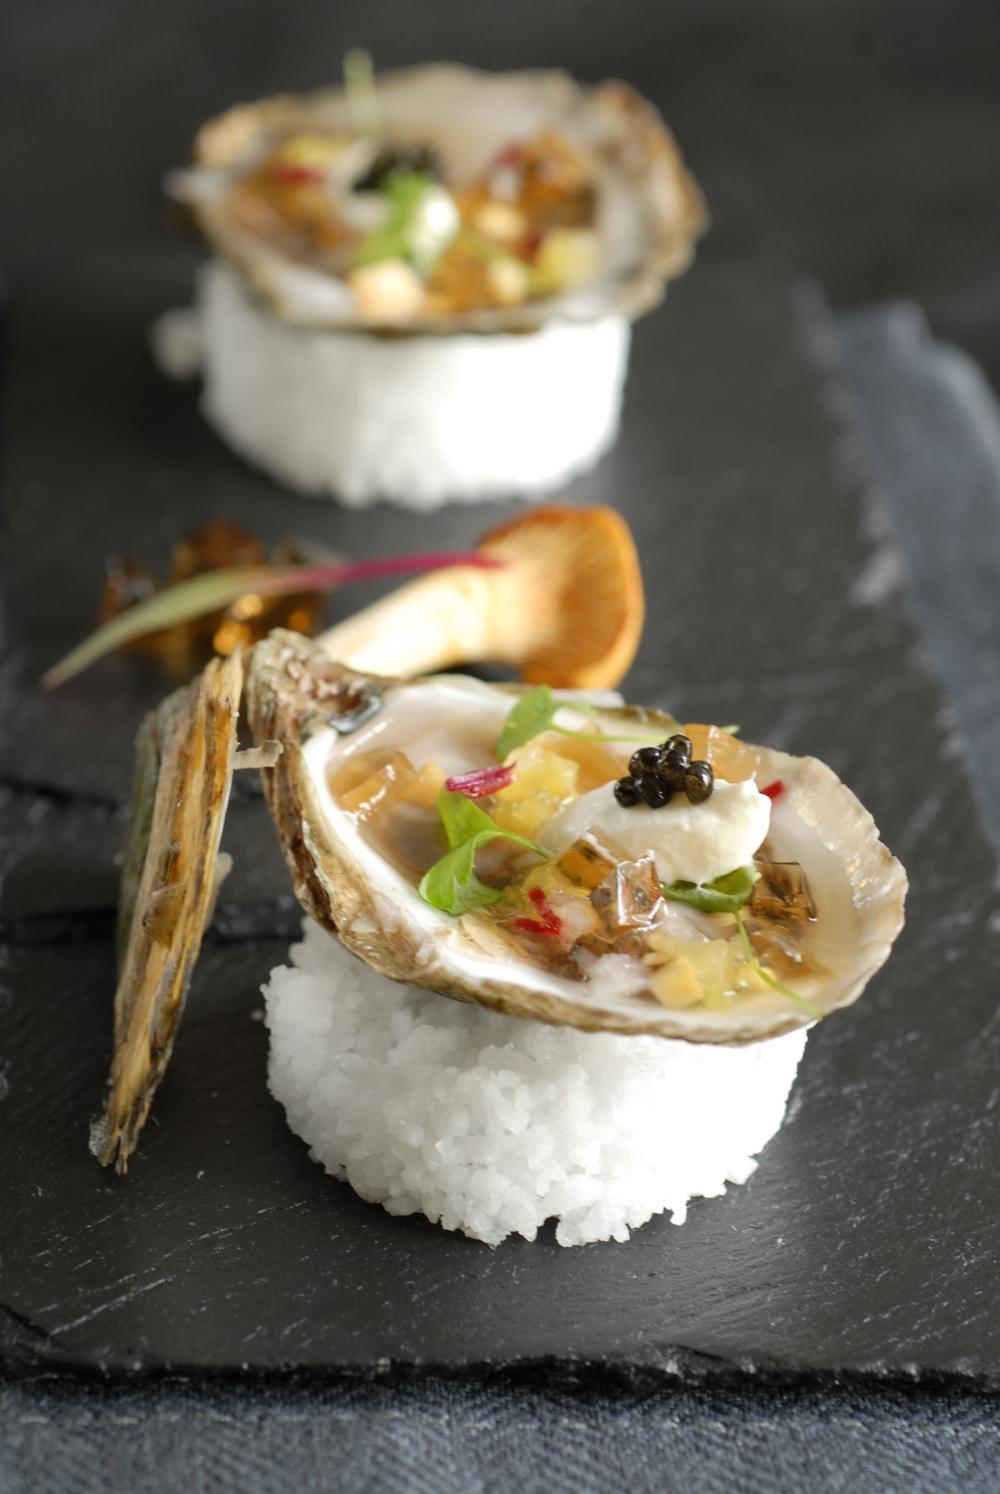 huître et gelée # 2.JPG